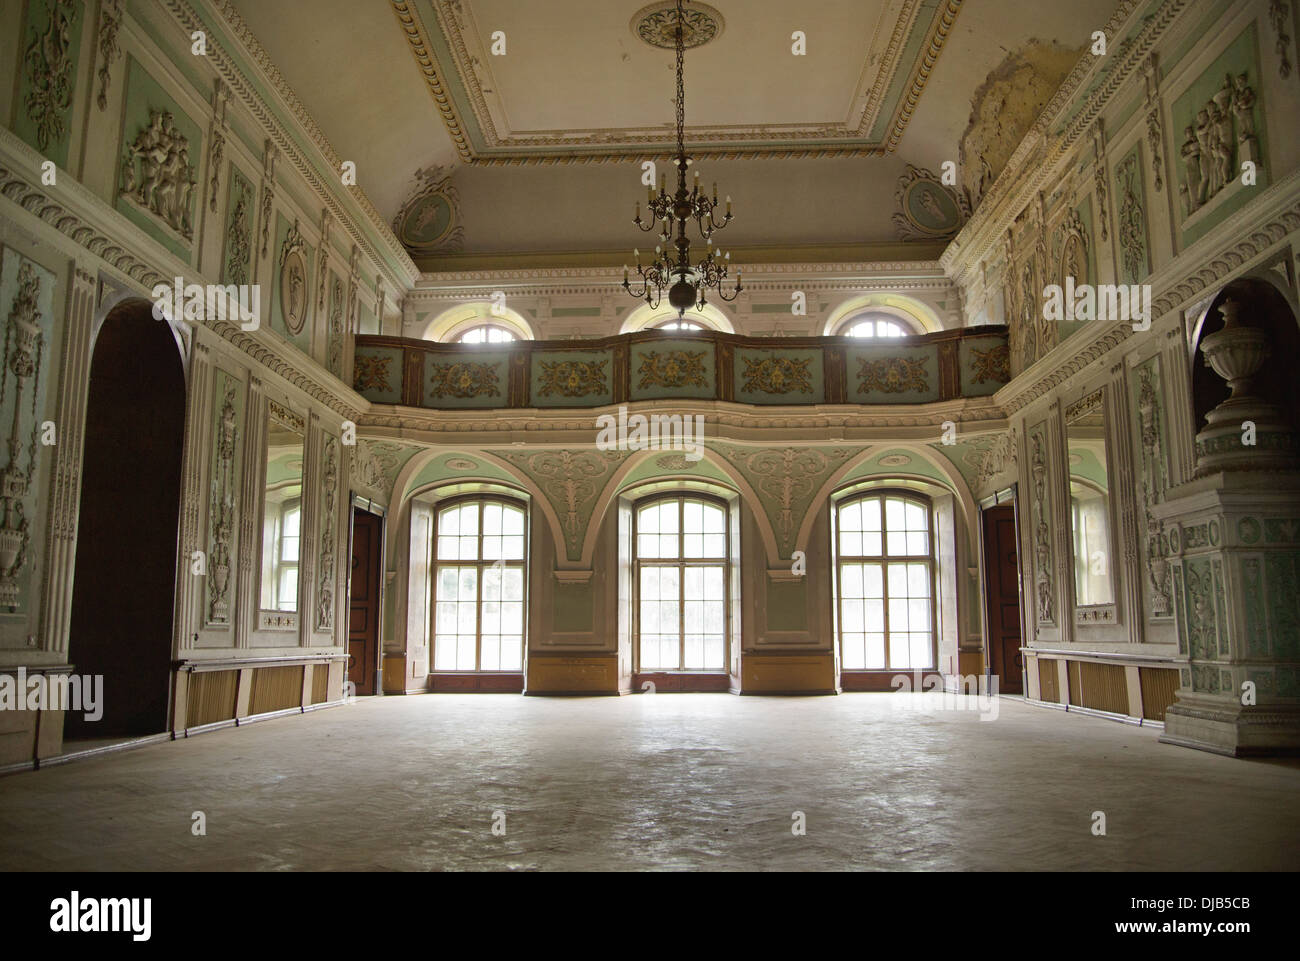 Photo présentant l'intérieur de l'ancien palais Photo Stock